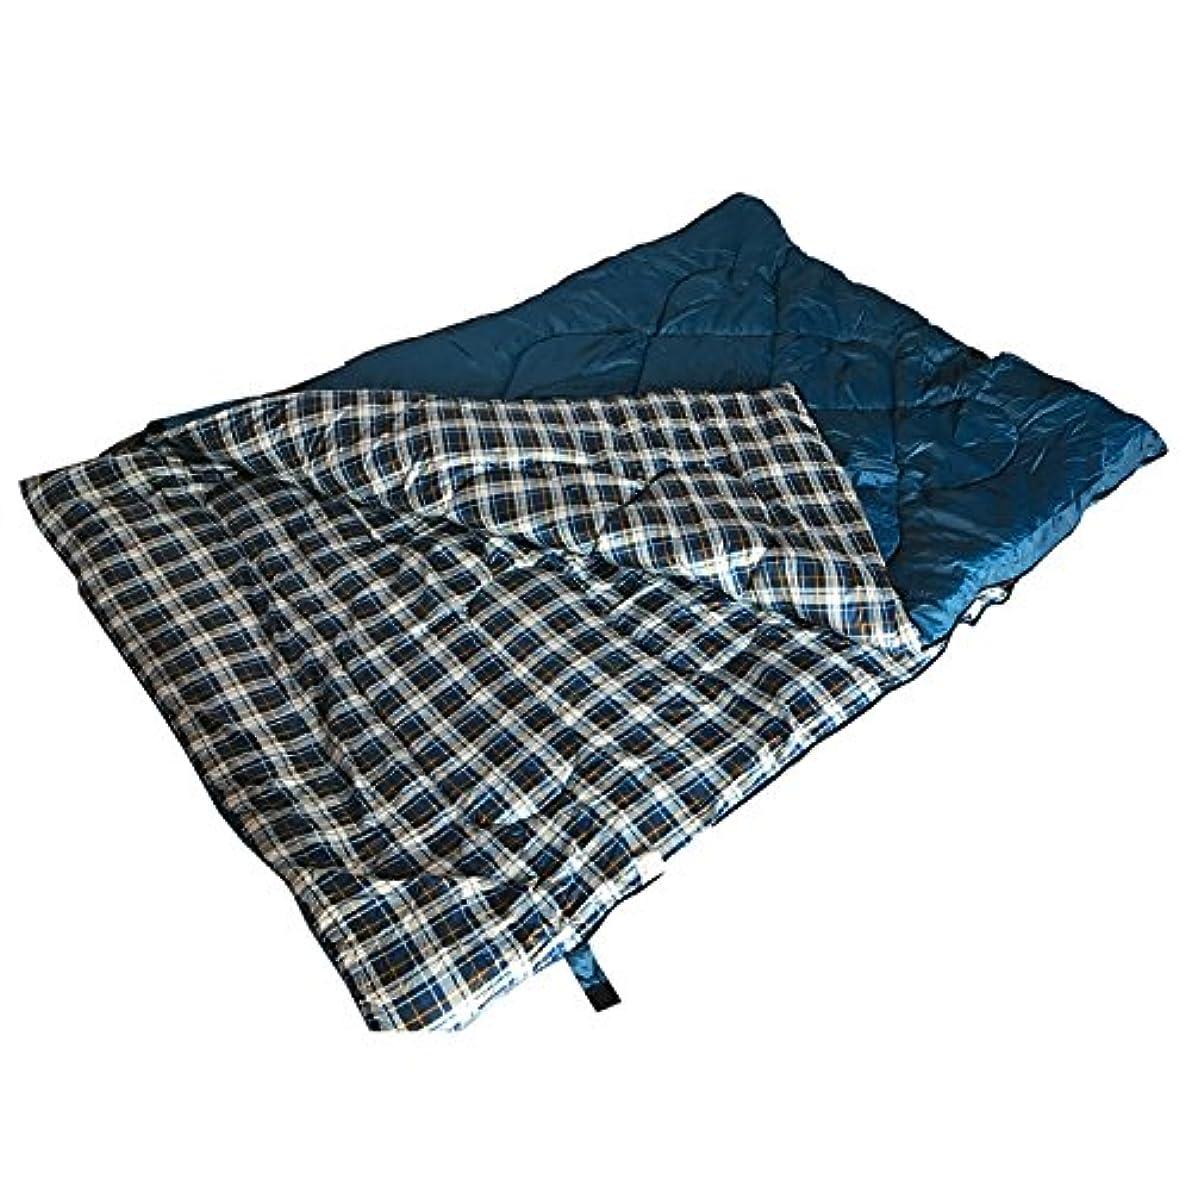 連結する火山学者アスリート雑貨の国のアリス 寝袋 シュラフ スリーピングバッグ 2人用 ダブルサイズ 封筒型 ブルー 表裏分離可能 収納袋付き [並行輸入品]